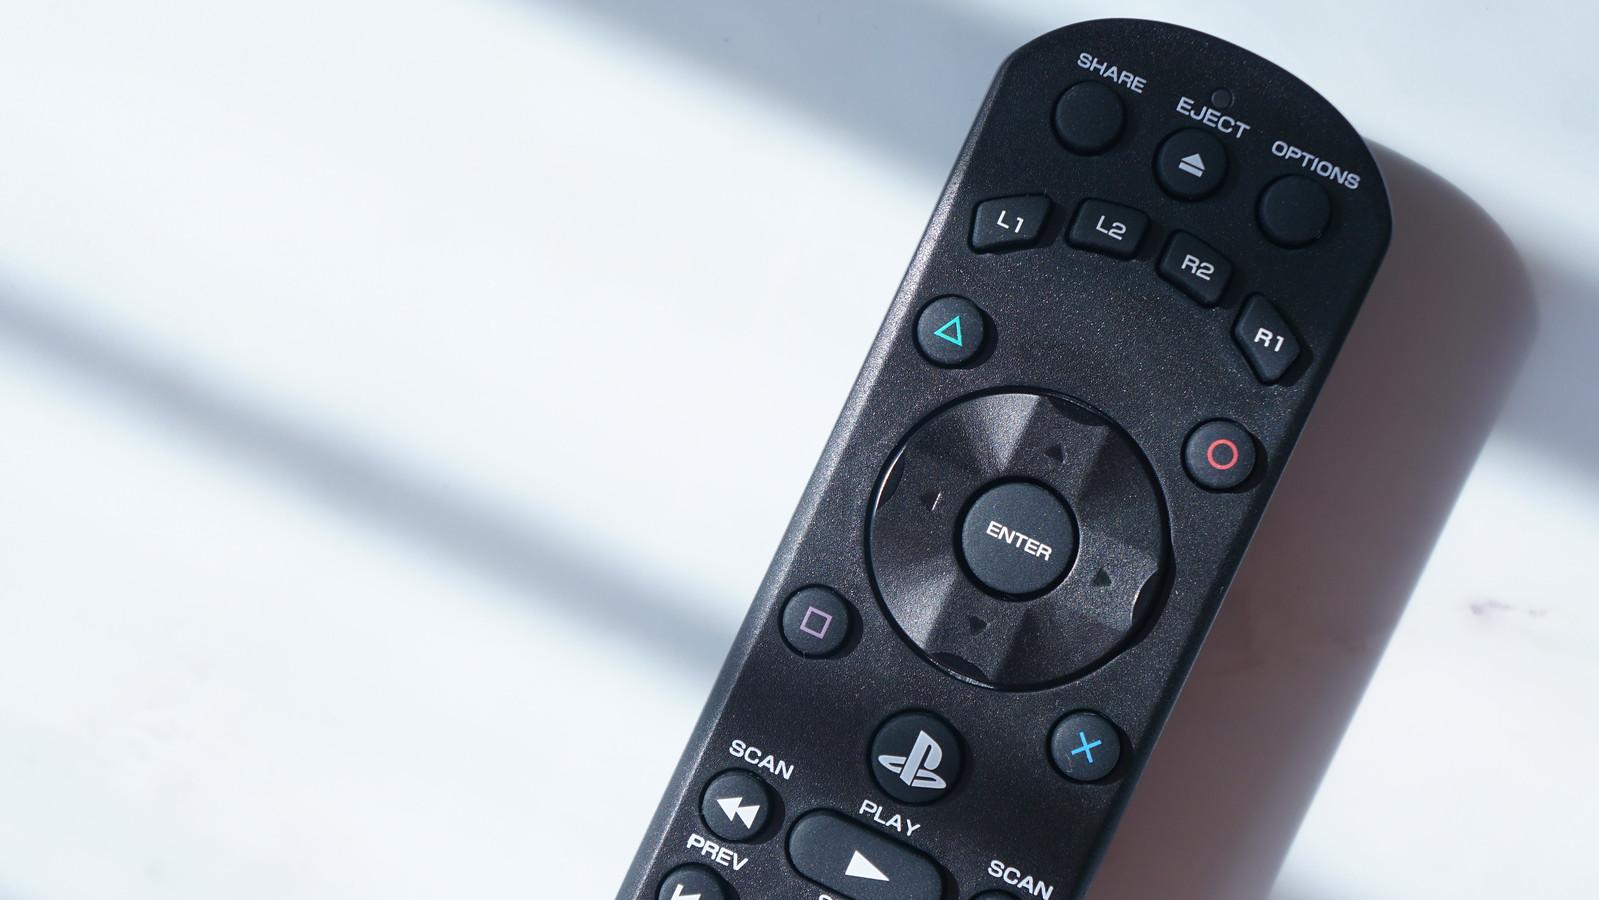 リモートコントローラー for PlayStation 4のボタン